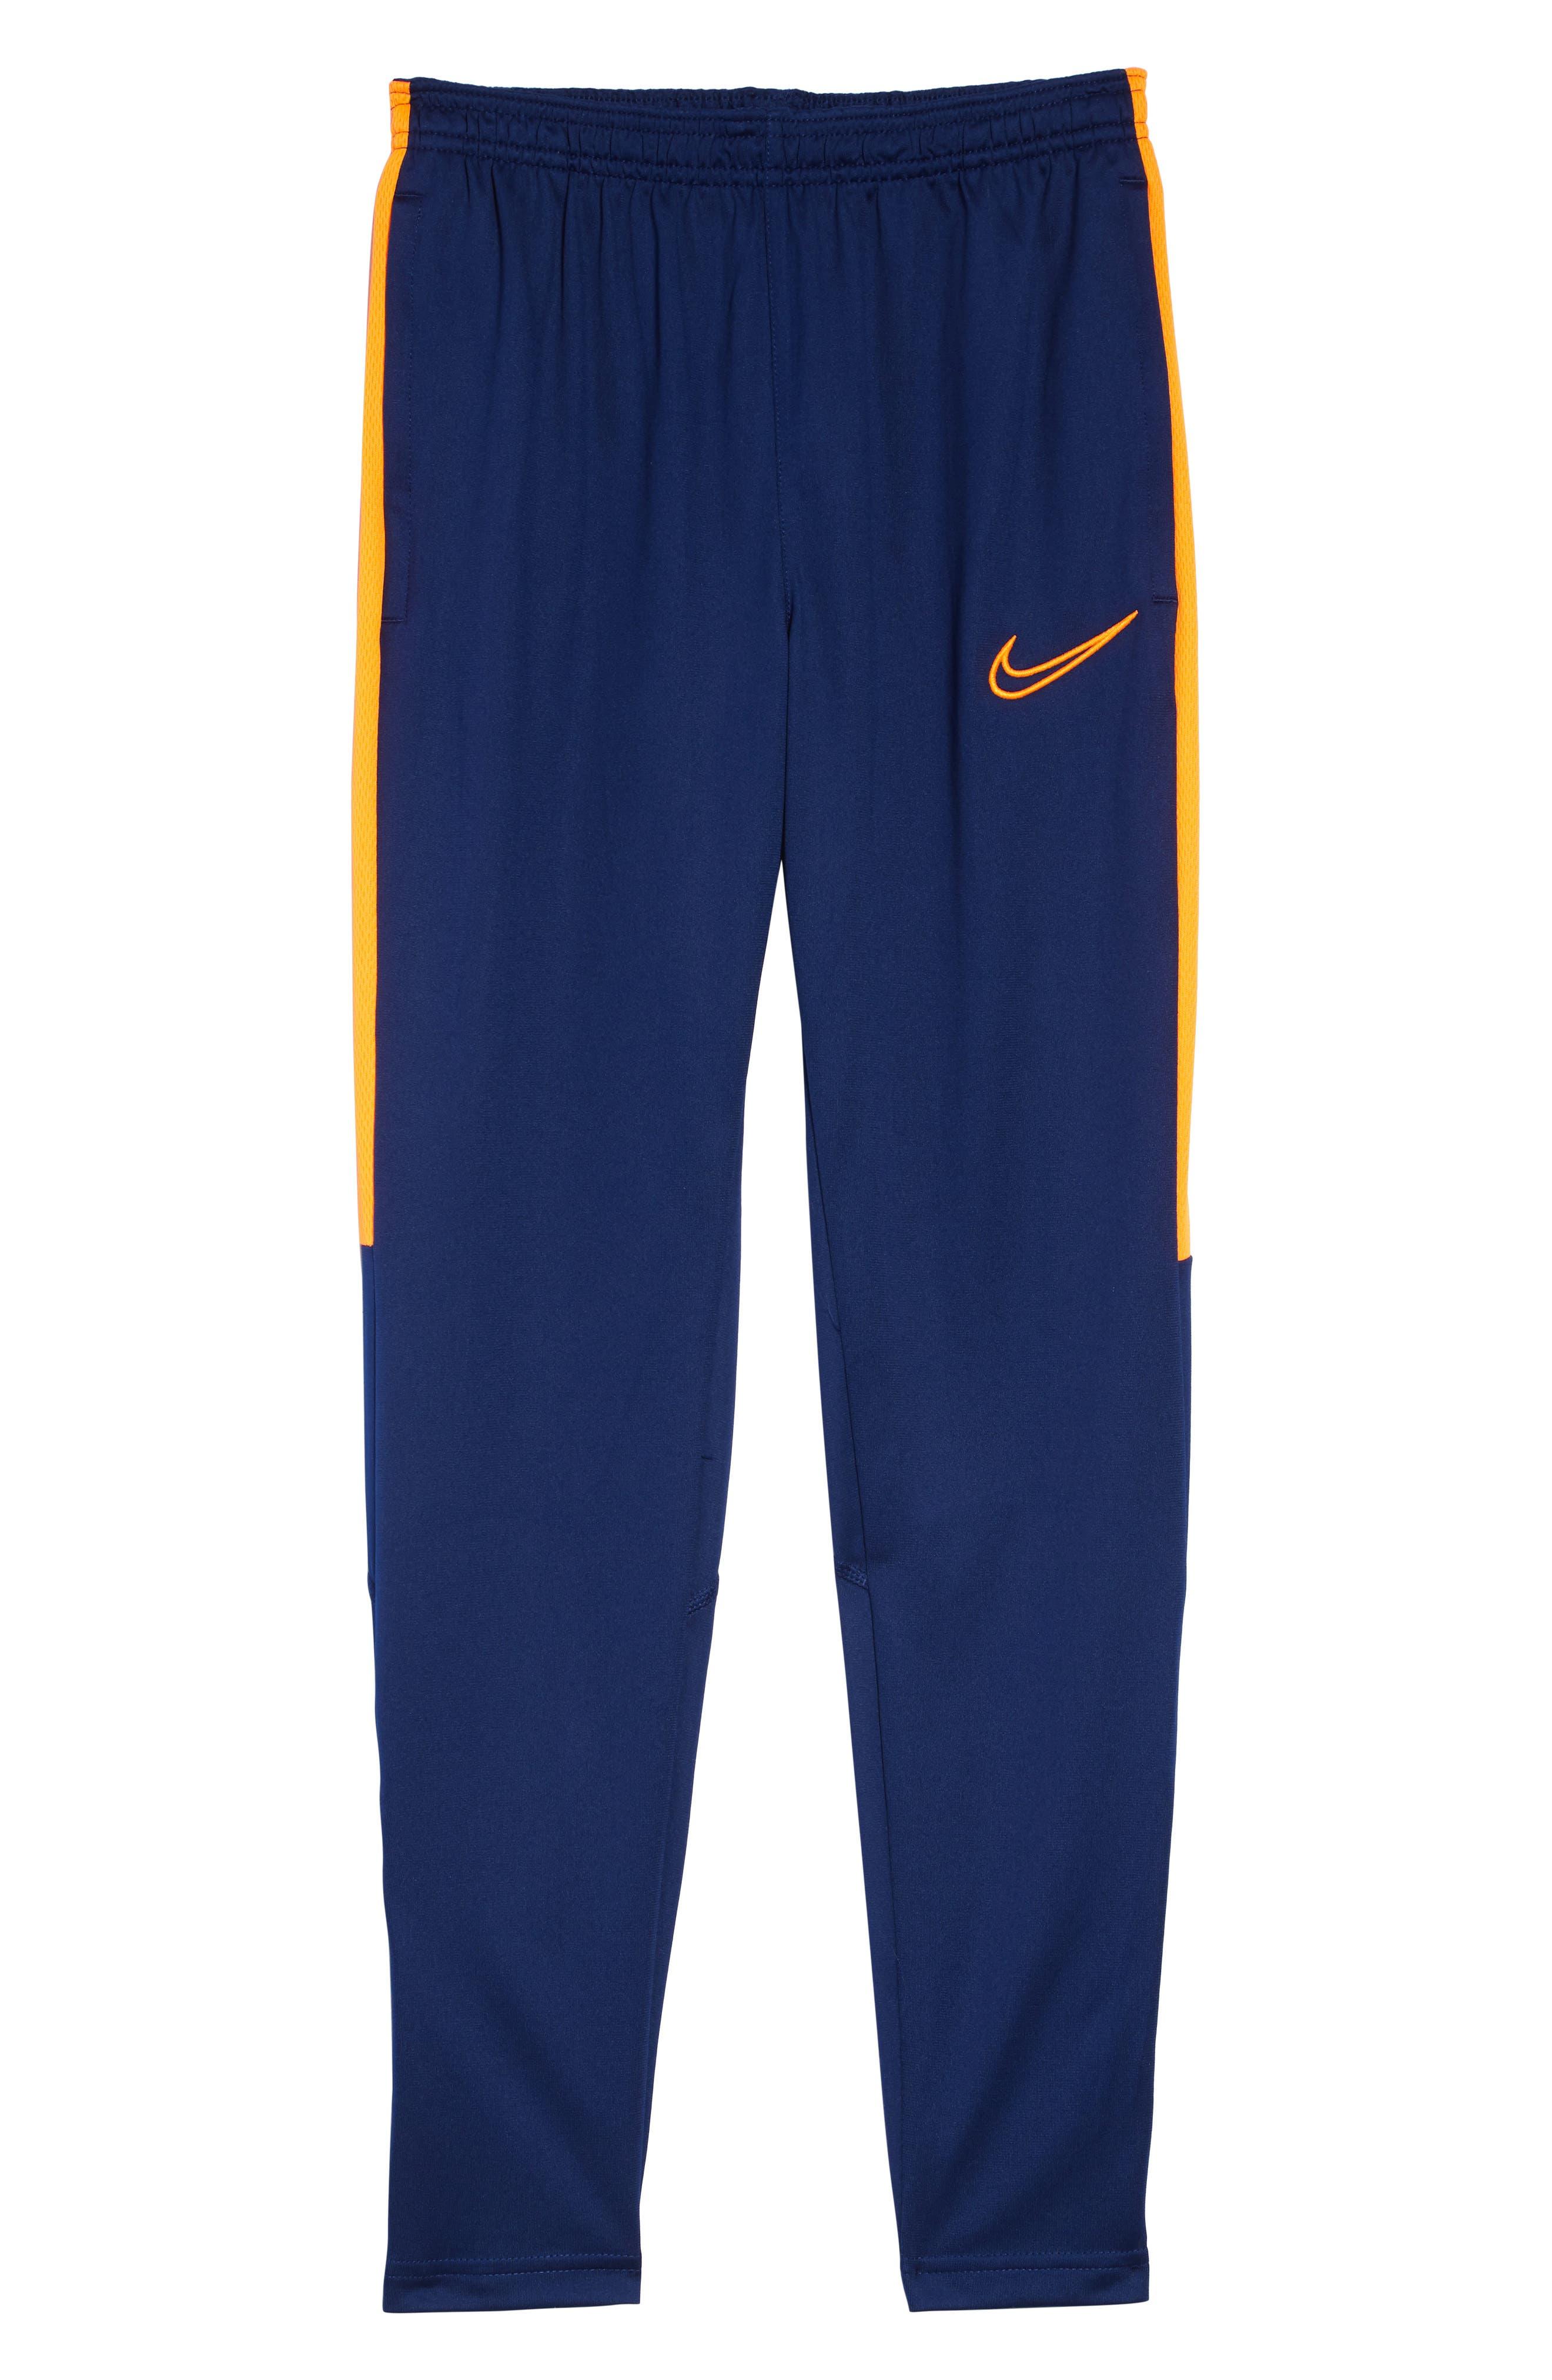 Academy Dri-FIT Sweatpants, Main, color, BLUE VOID / TOTAL ORANGE